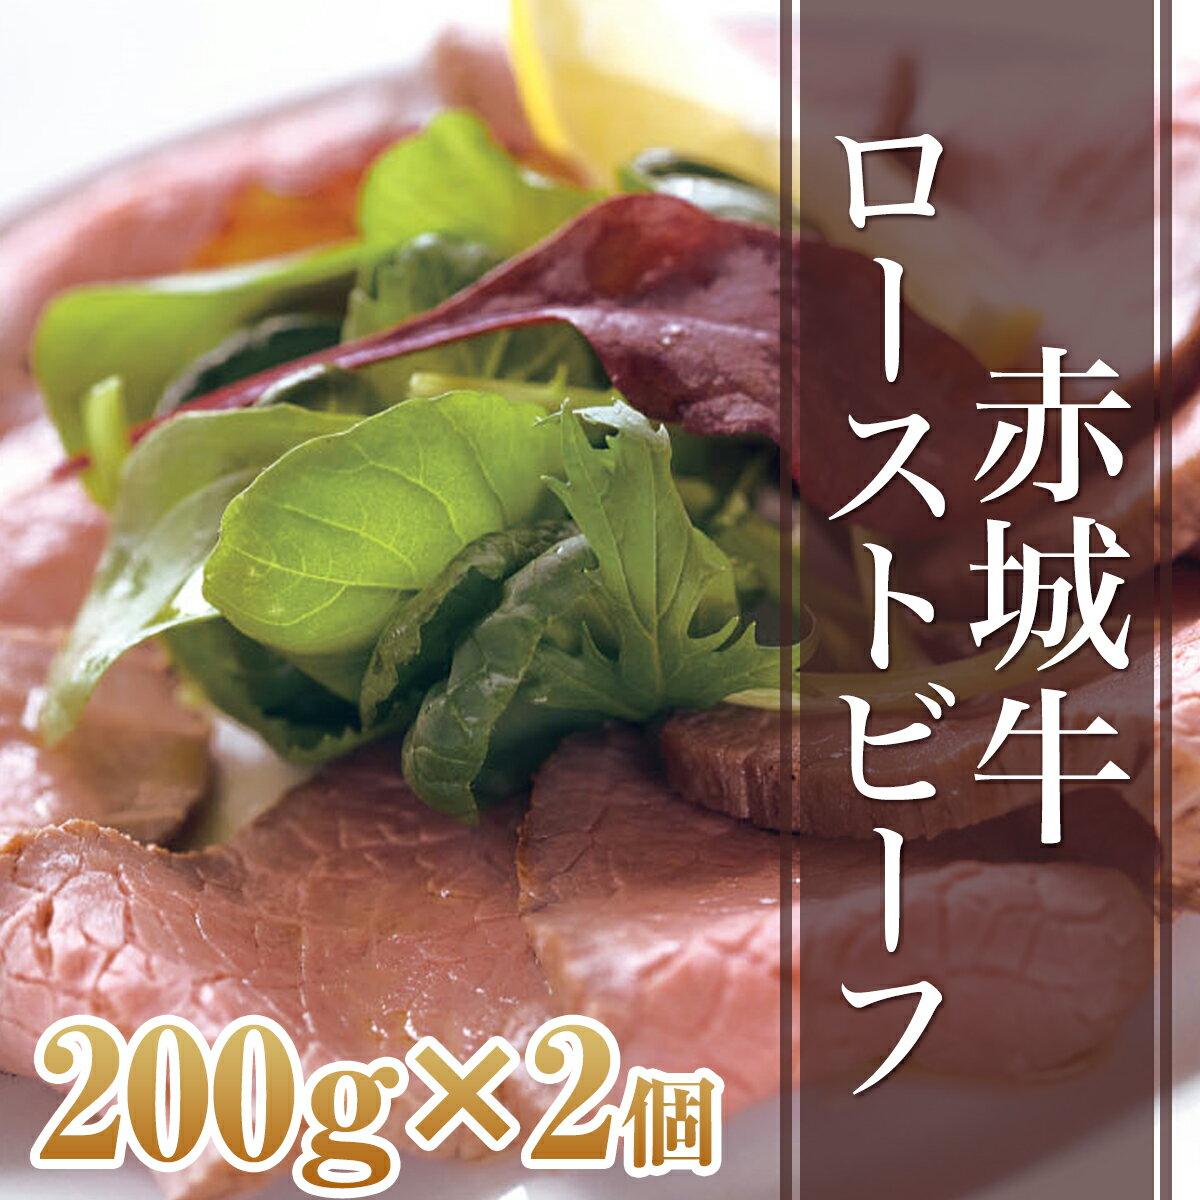 レストランの味 赤城牛ローストビーフ 200g×2個 ソース付